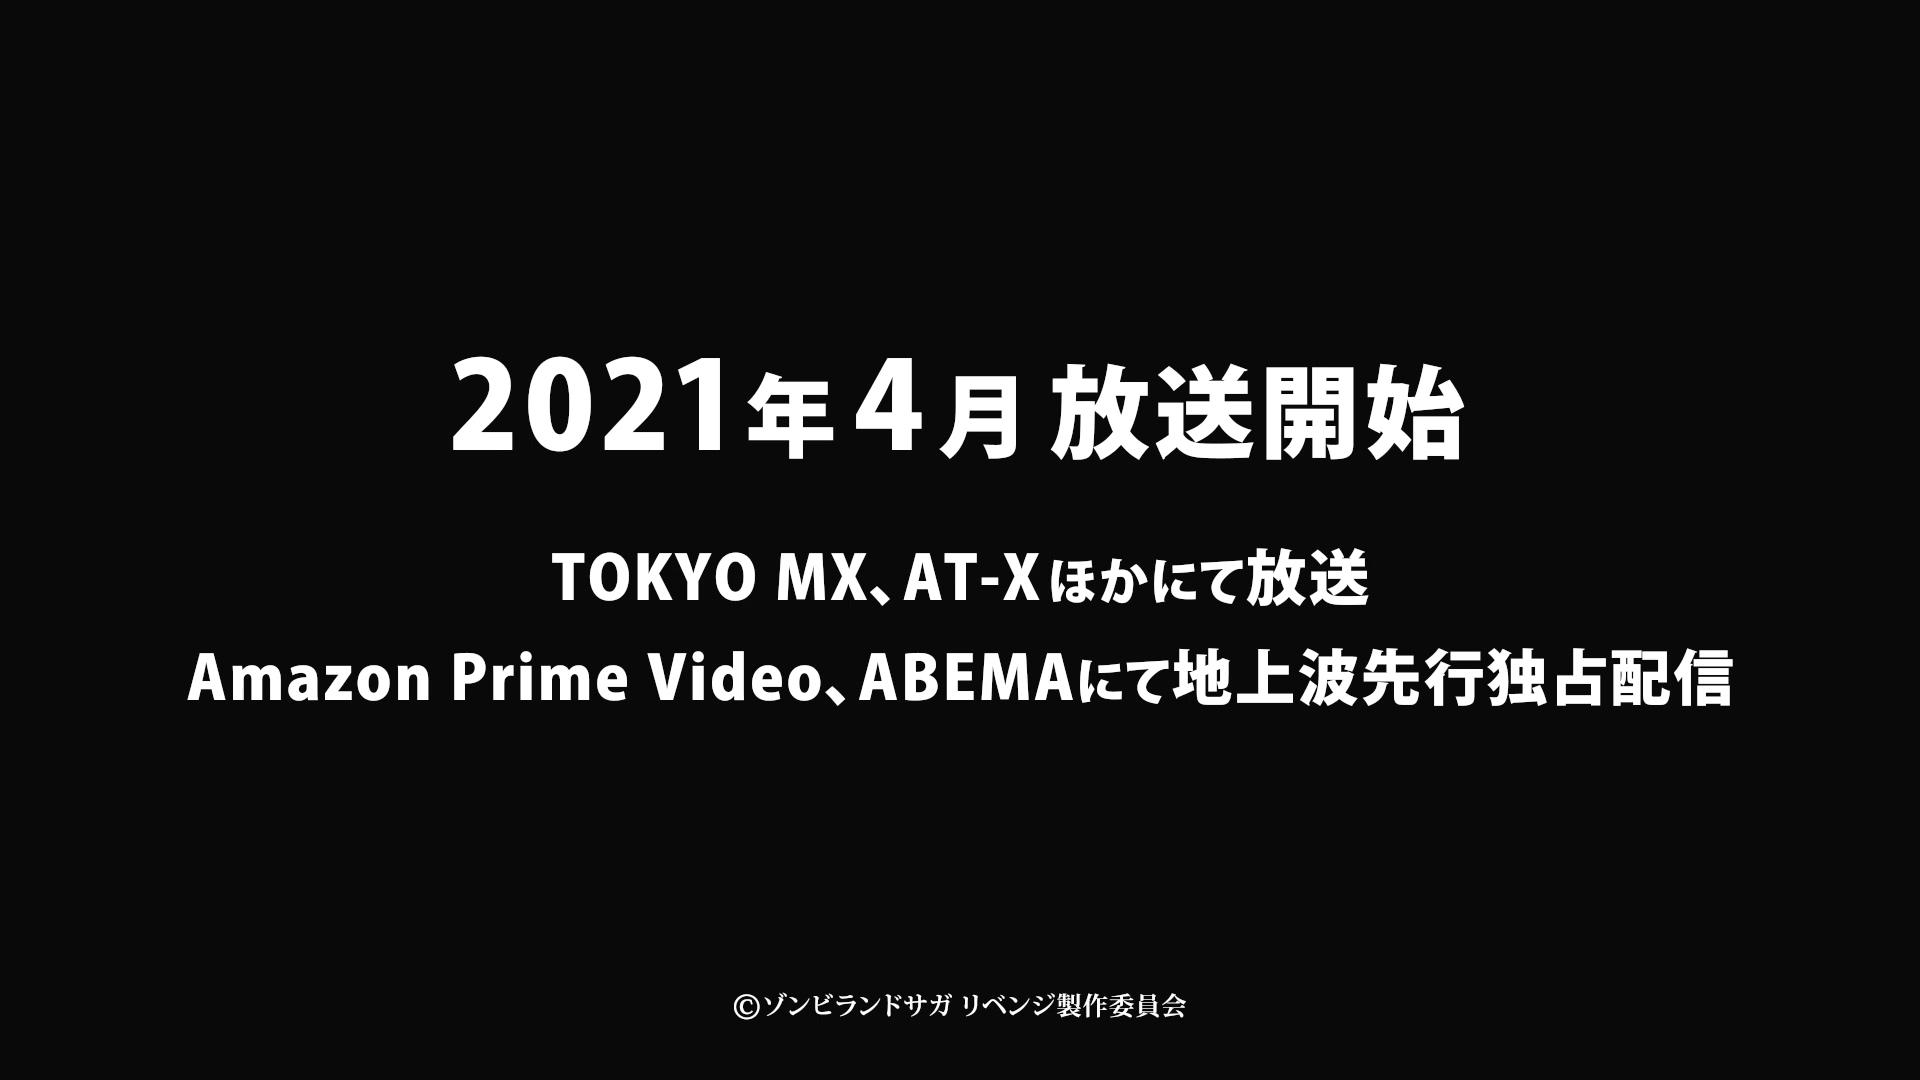 「佐贺偶像是传奇R」PV颁布 2021年4月放送